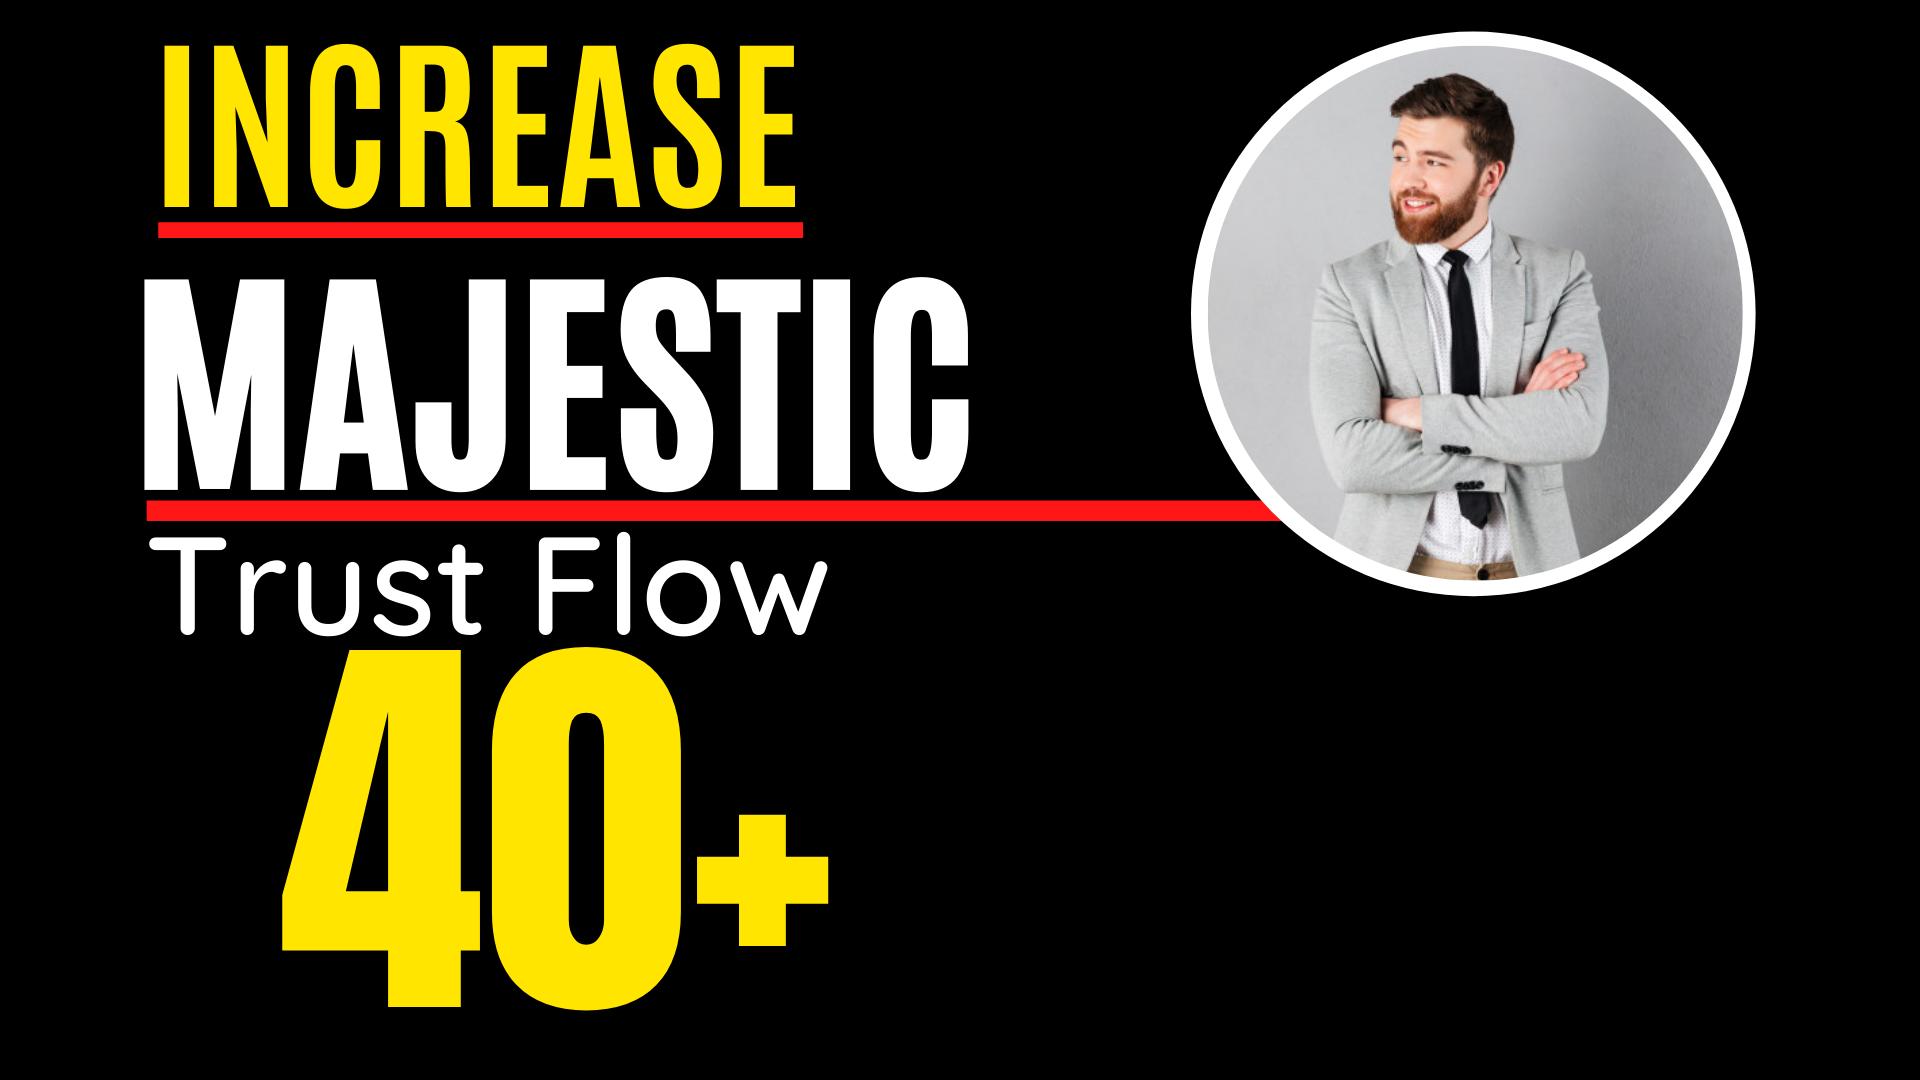 I will increase Majestic trust flow,  majestic tf 40plus guaranteed